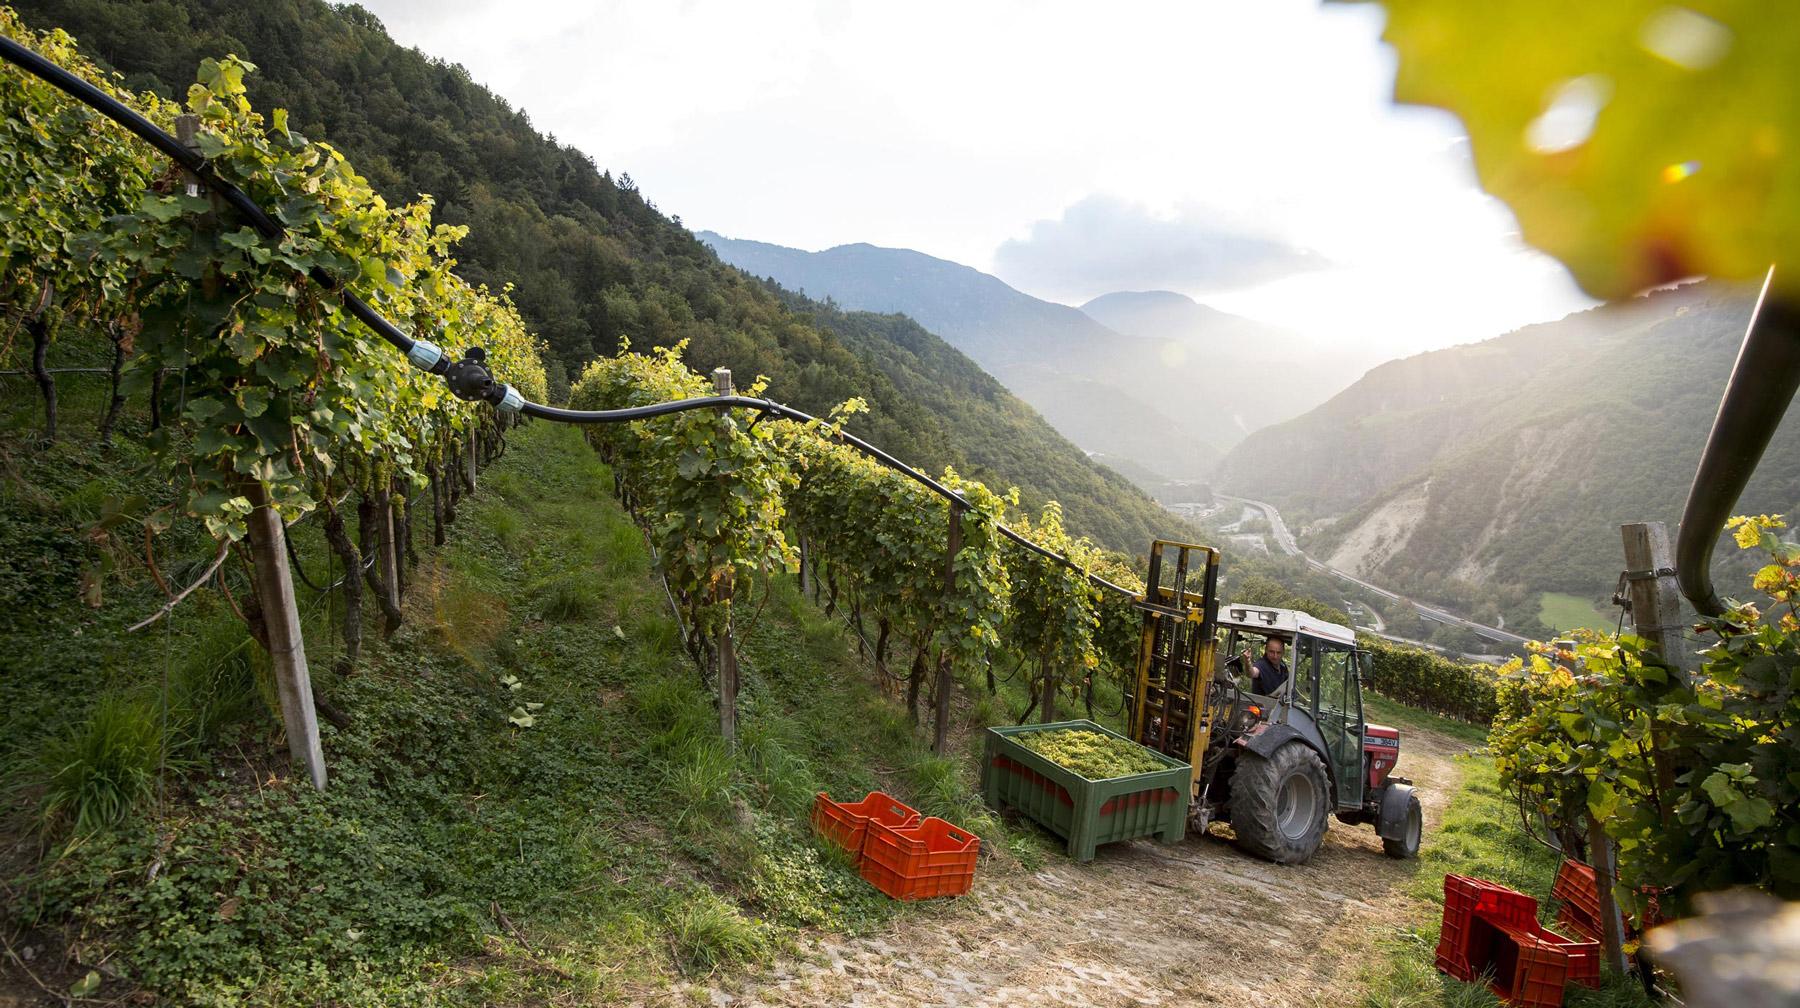 Steiler Weinberg in Südtirol, der Sonne zugewandt